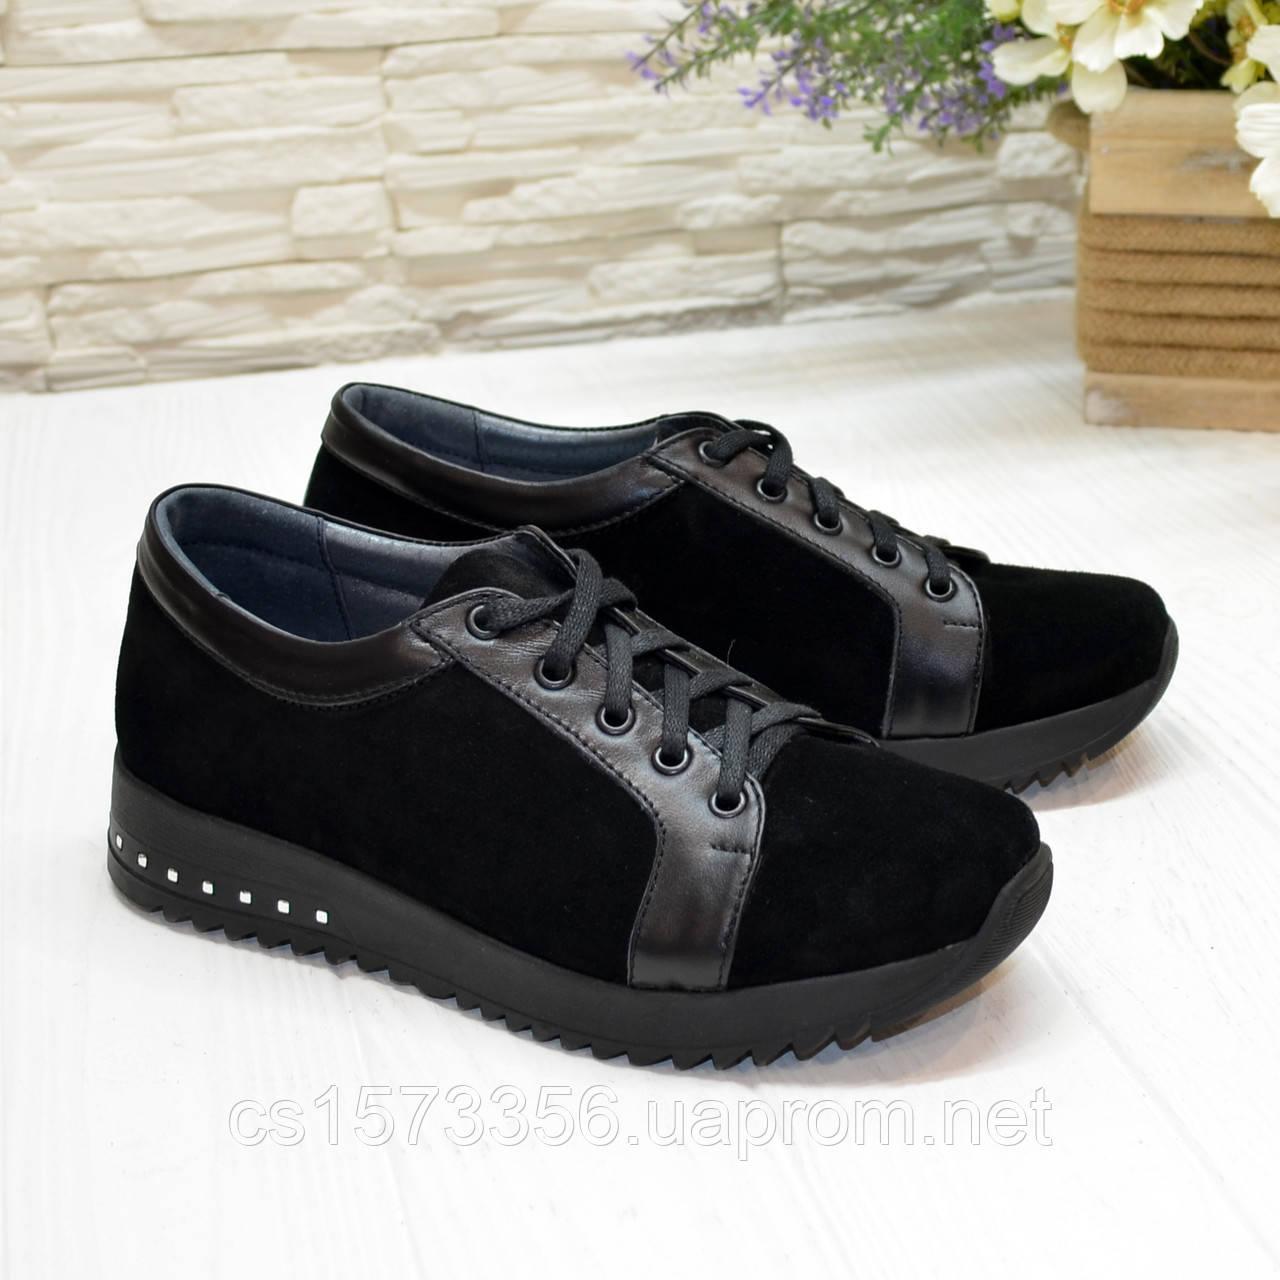 Женские замшевые кроссовки черного цвета, декорированы кожаными вставками